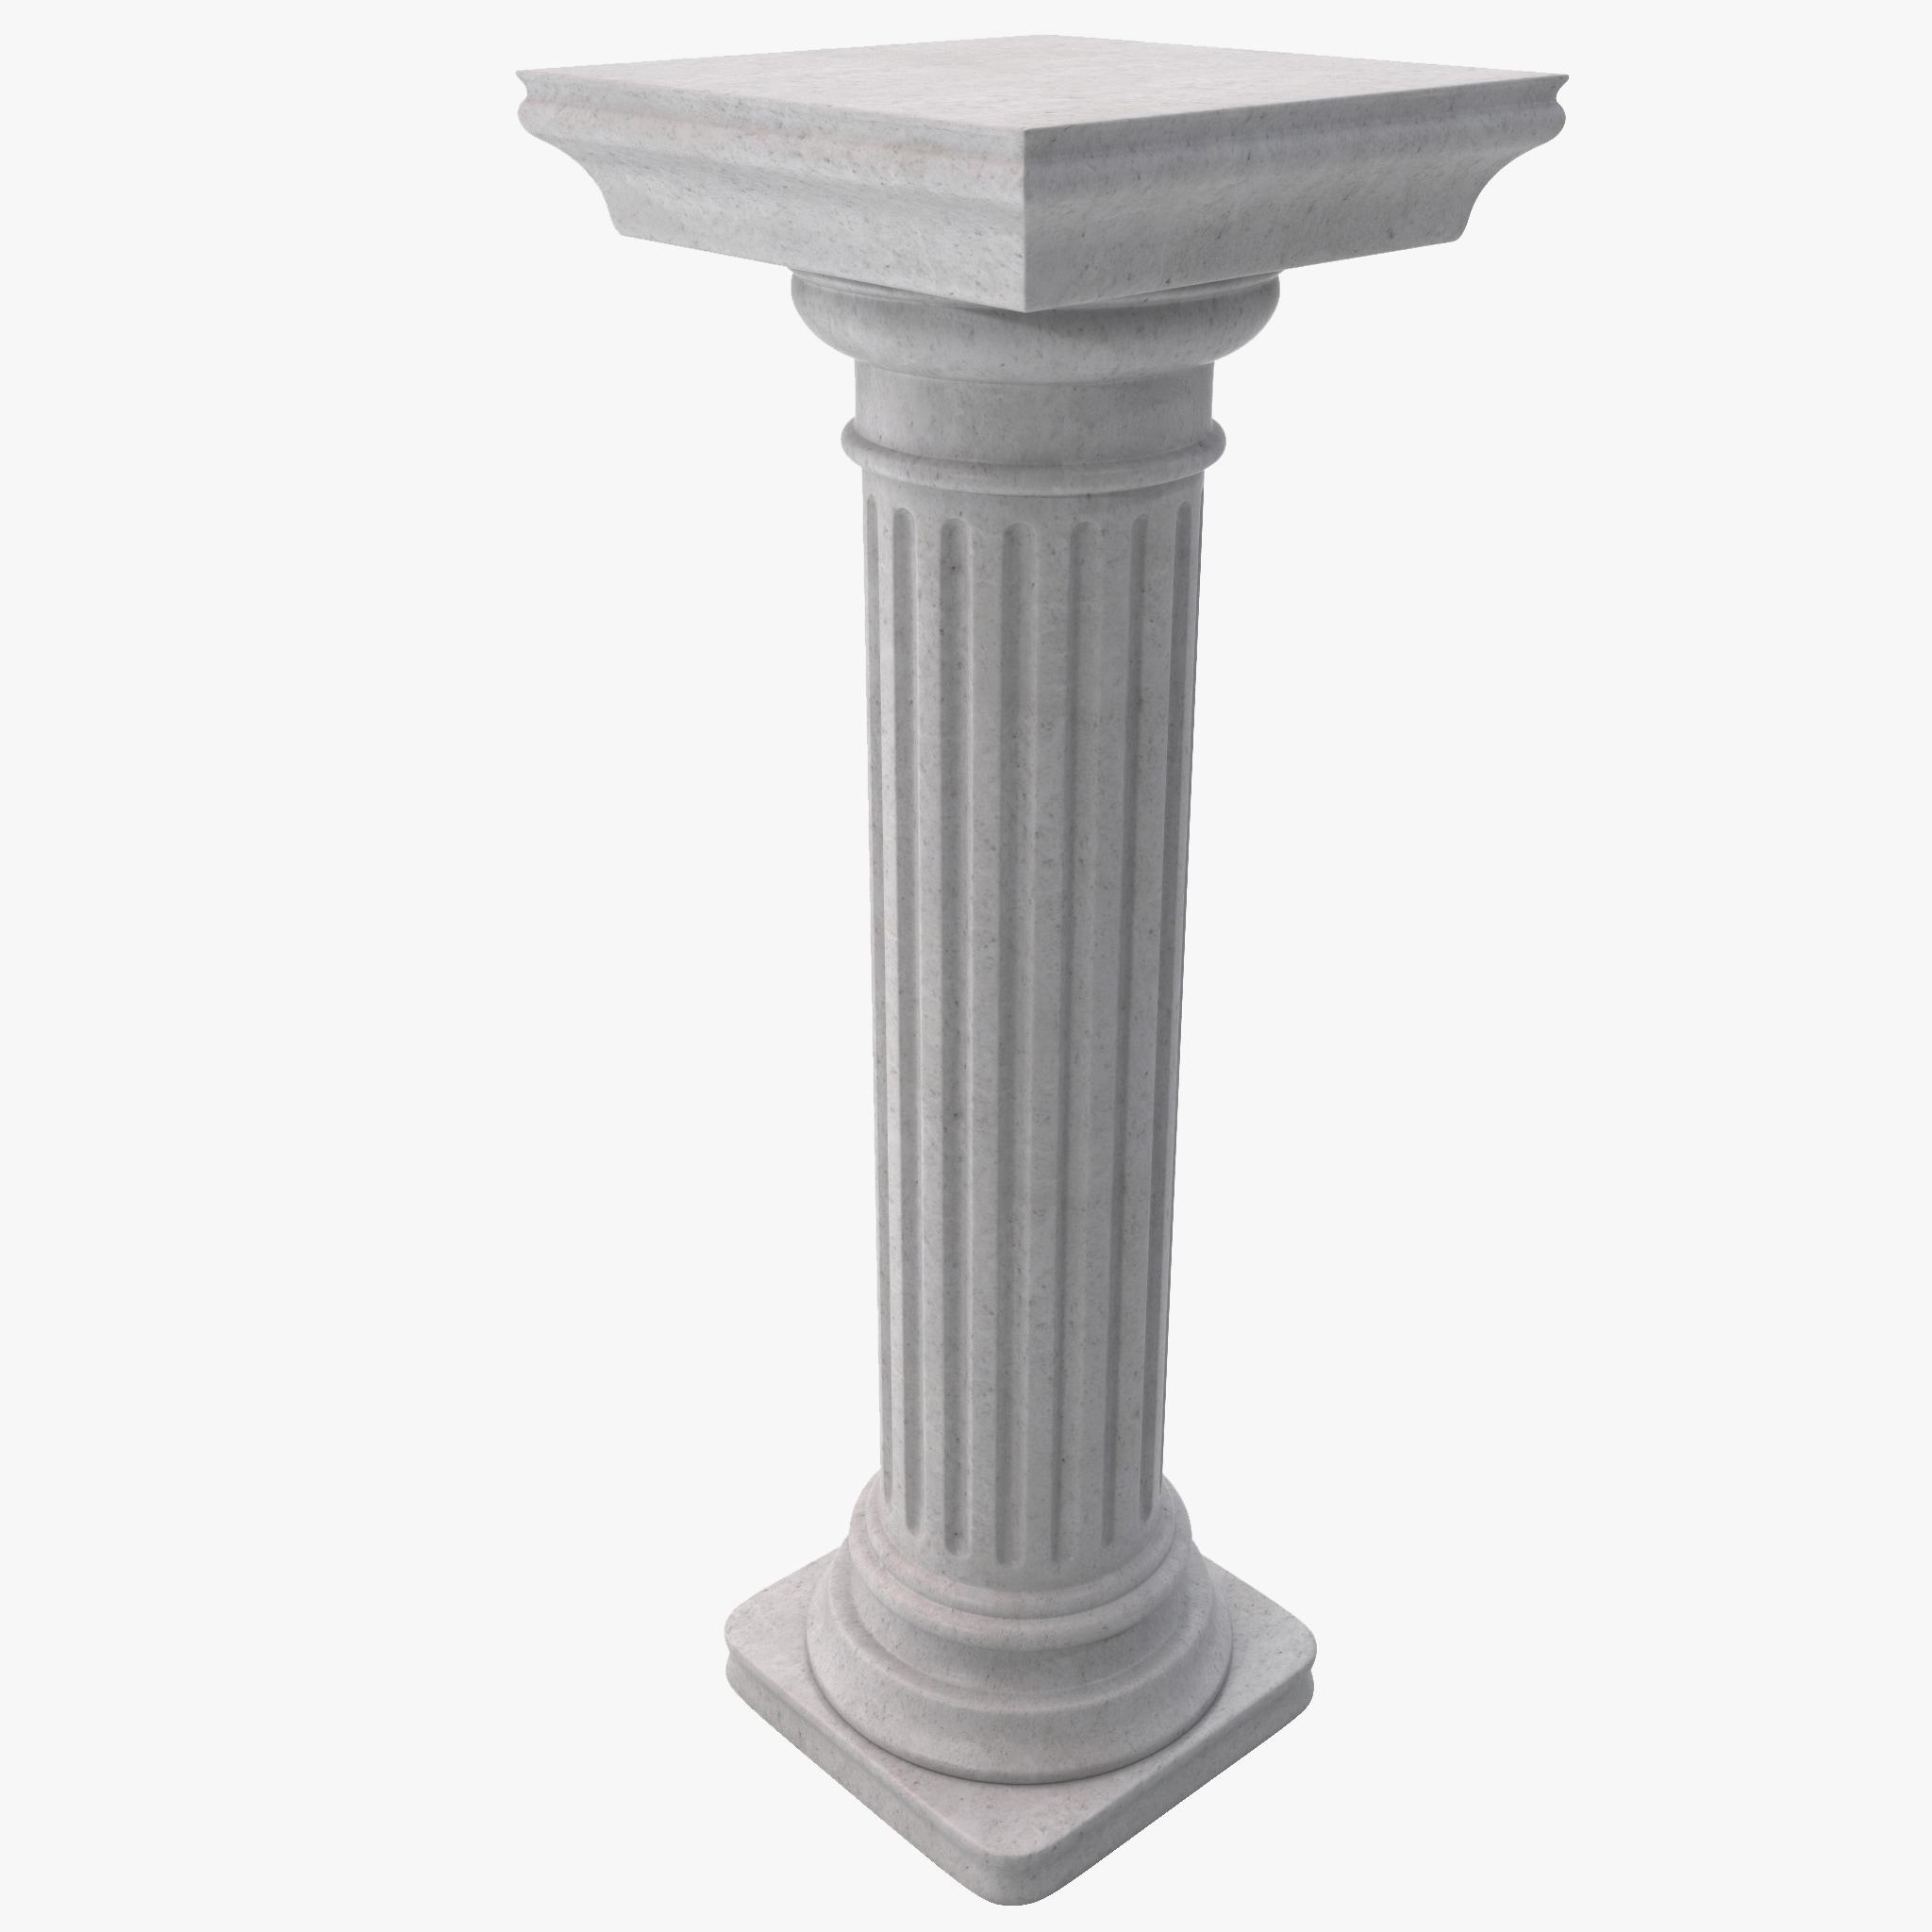 Max doric column 2 for Doric columns